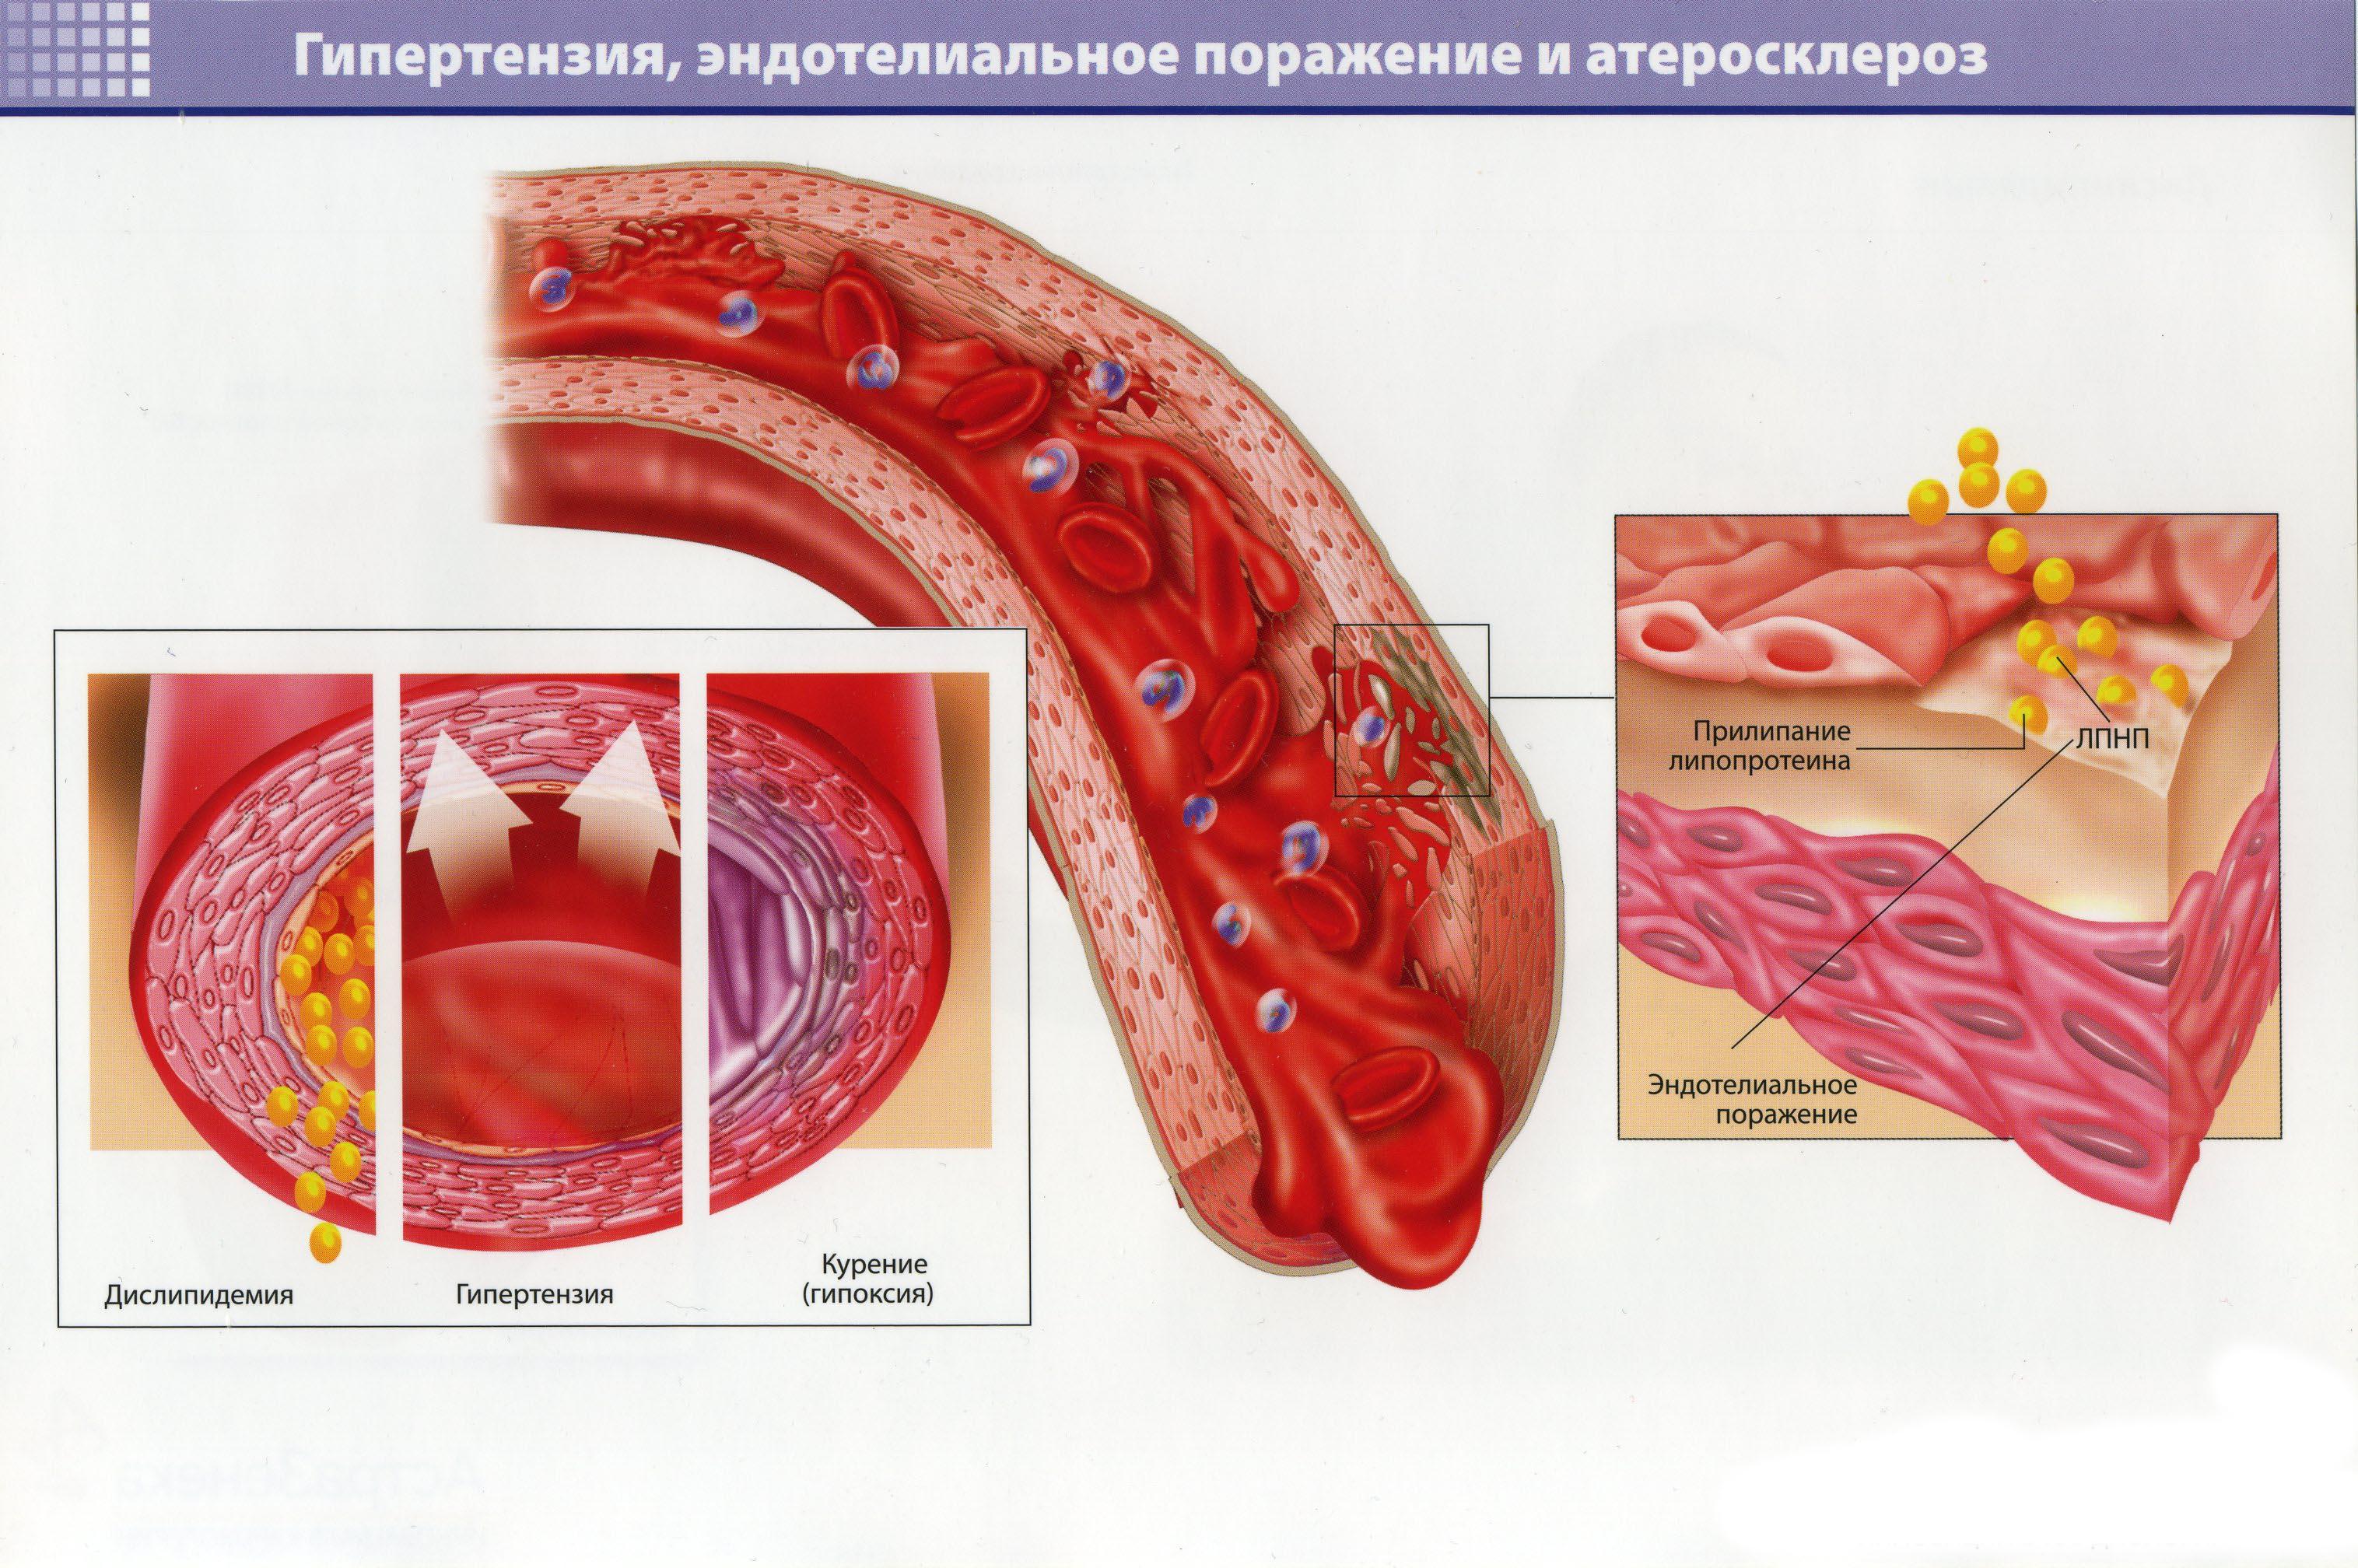 Гипертензия, эндотелиальное поражение и атеросклероз